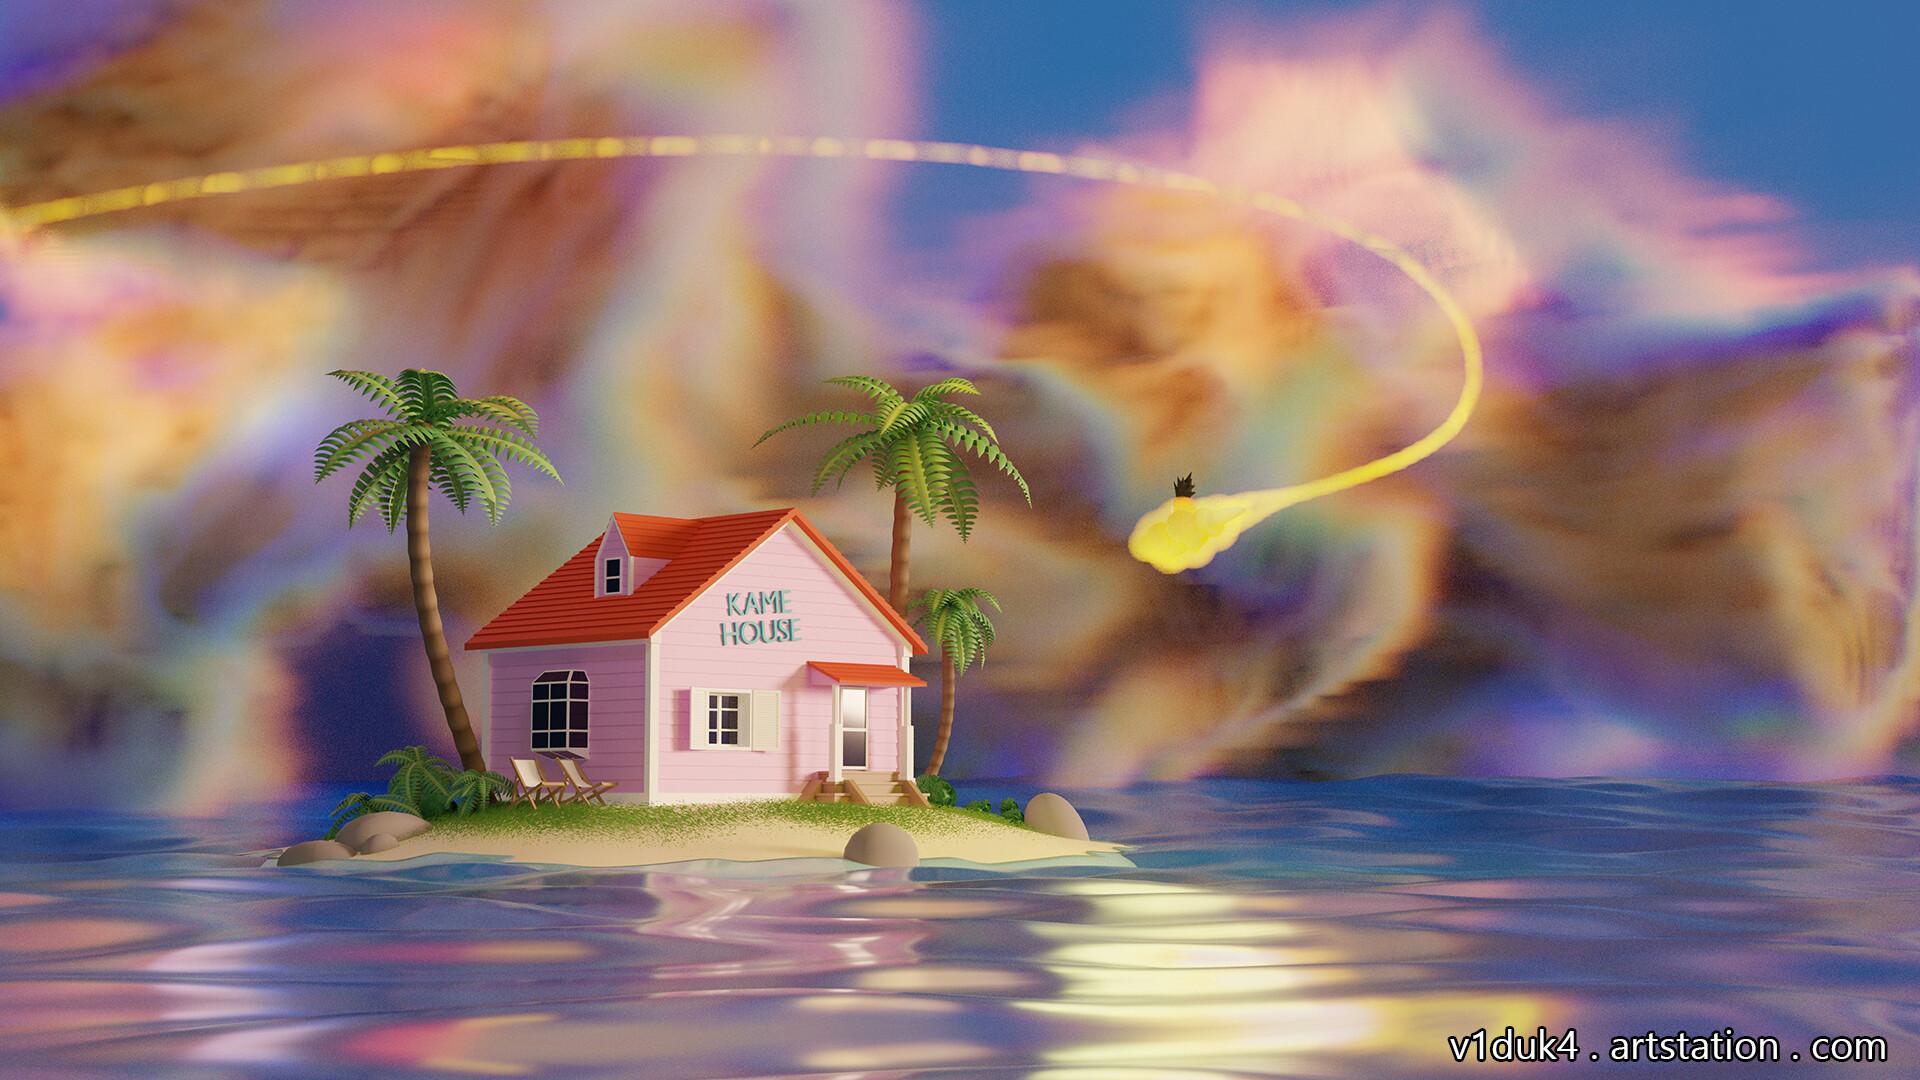 Dbz Kame House Wallpaper